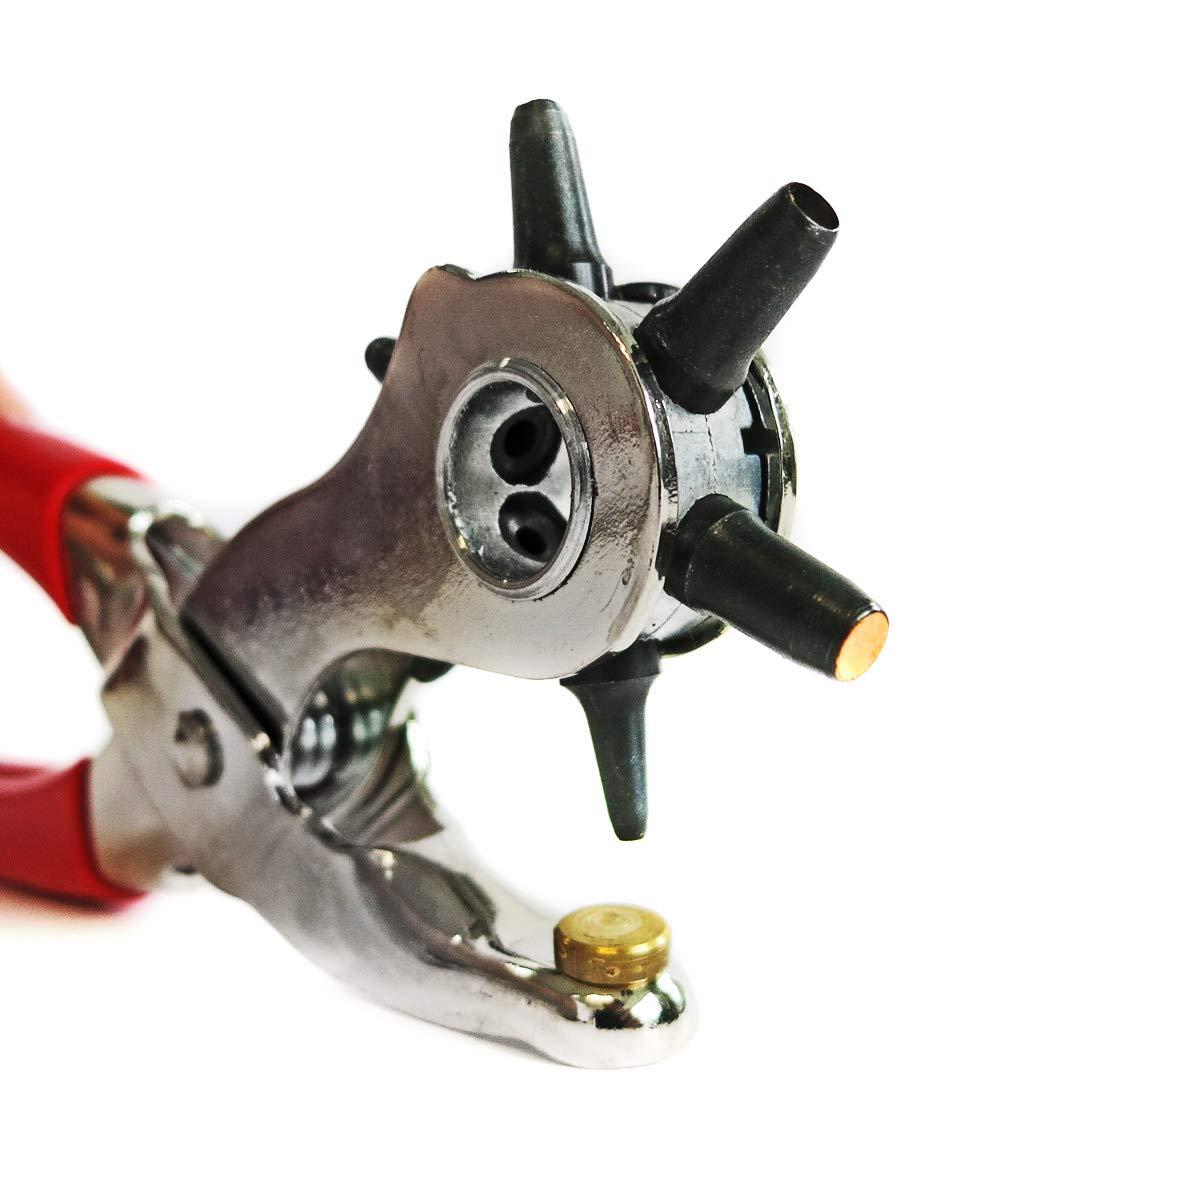 S R Pince Perforatrice de Précision   FABRICATION ALLEMANDE   Pince  Rotative pour Cuir, Ceinture, Papier, Bracelets, Montre, Etoffe. fadbc38bfe2